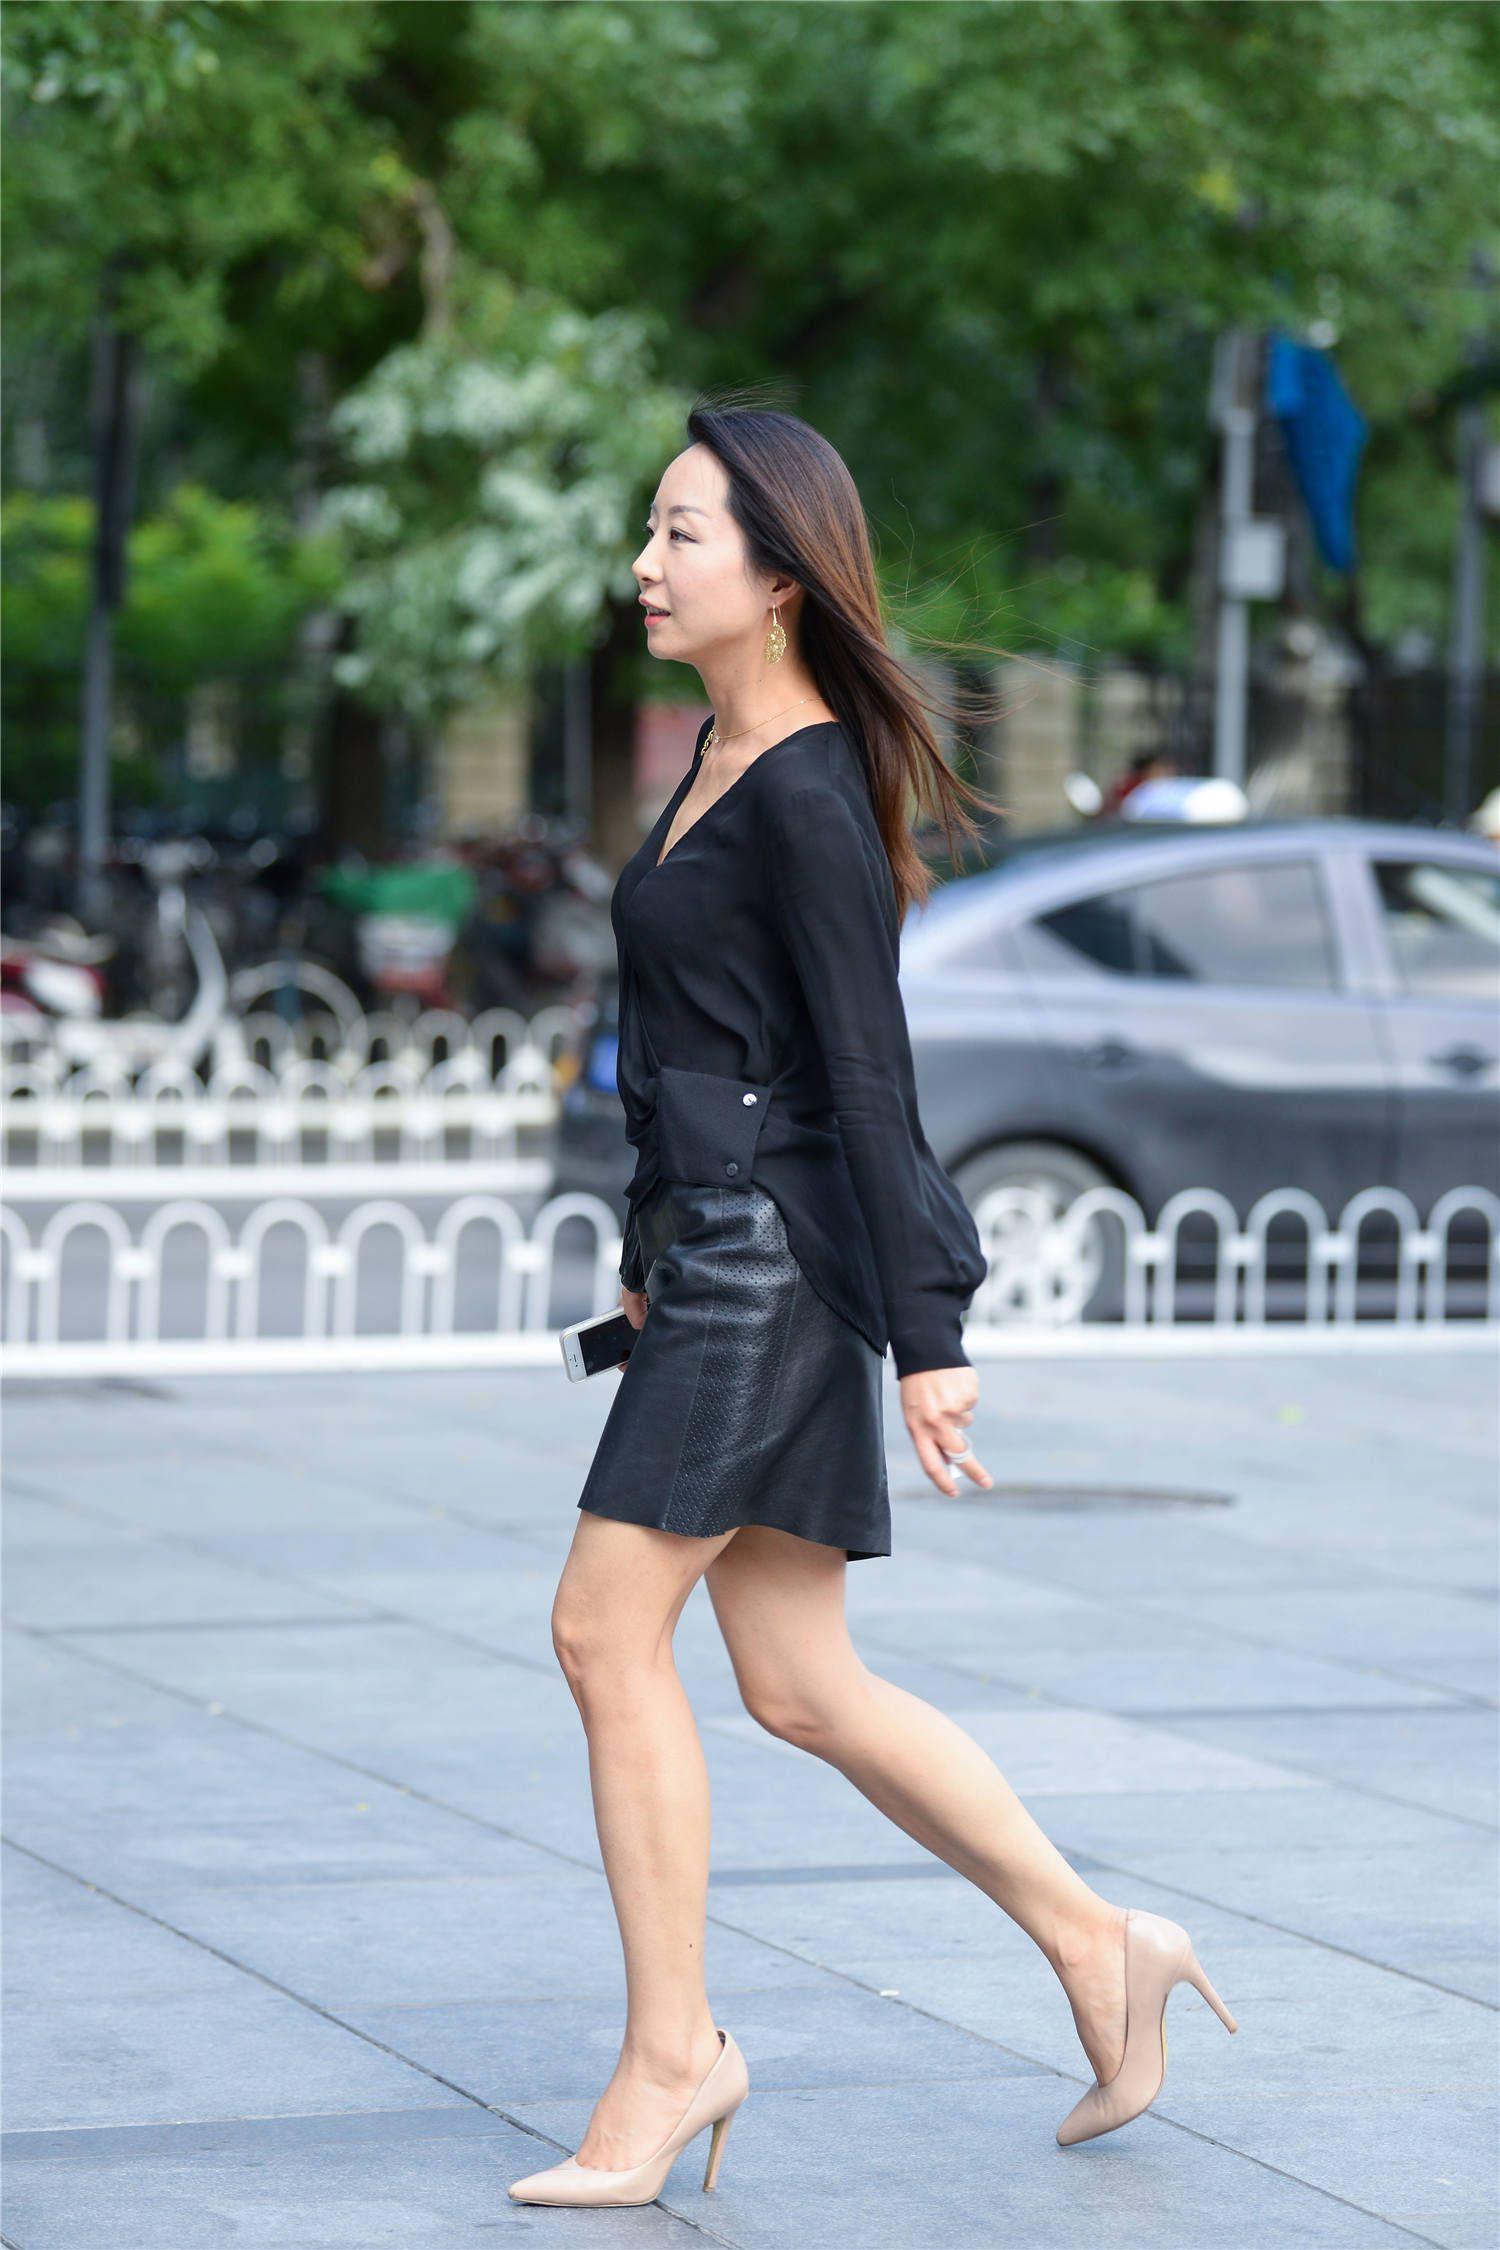 黑色皮质短裙有质感,搭配尖头细跟鞋,很显气质的穿搭